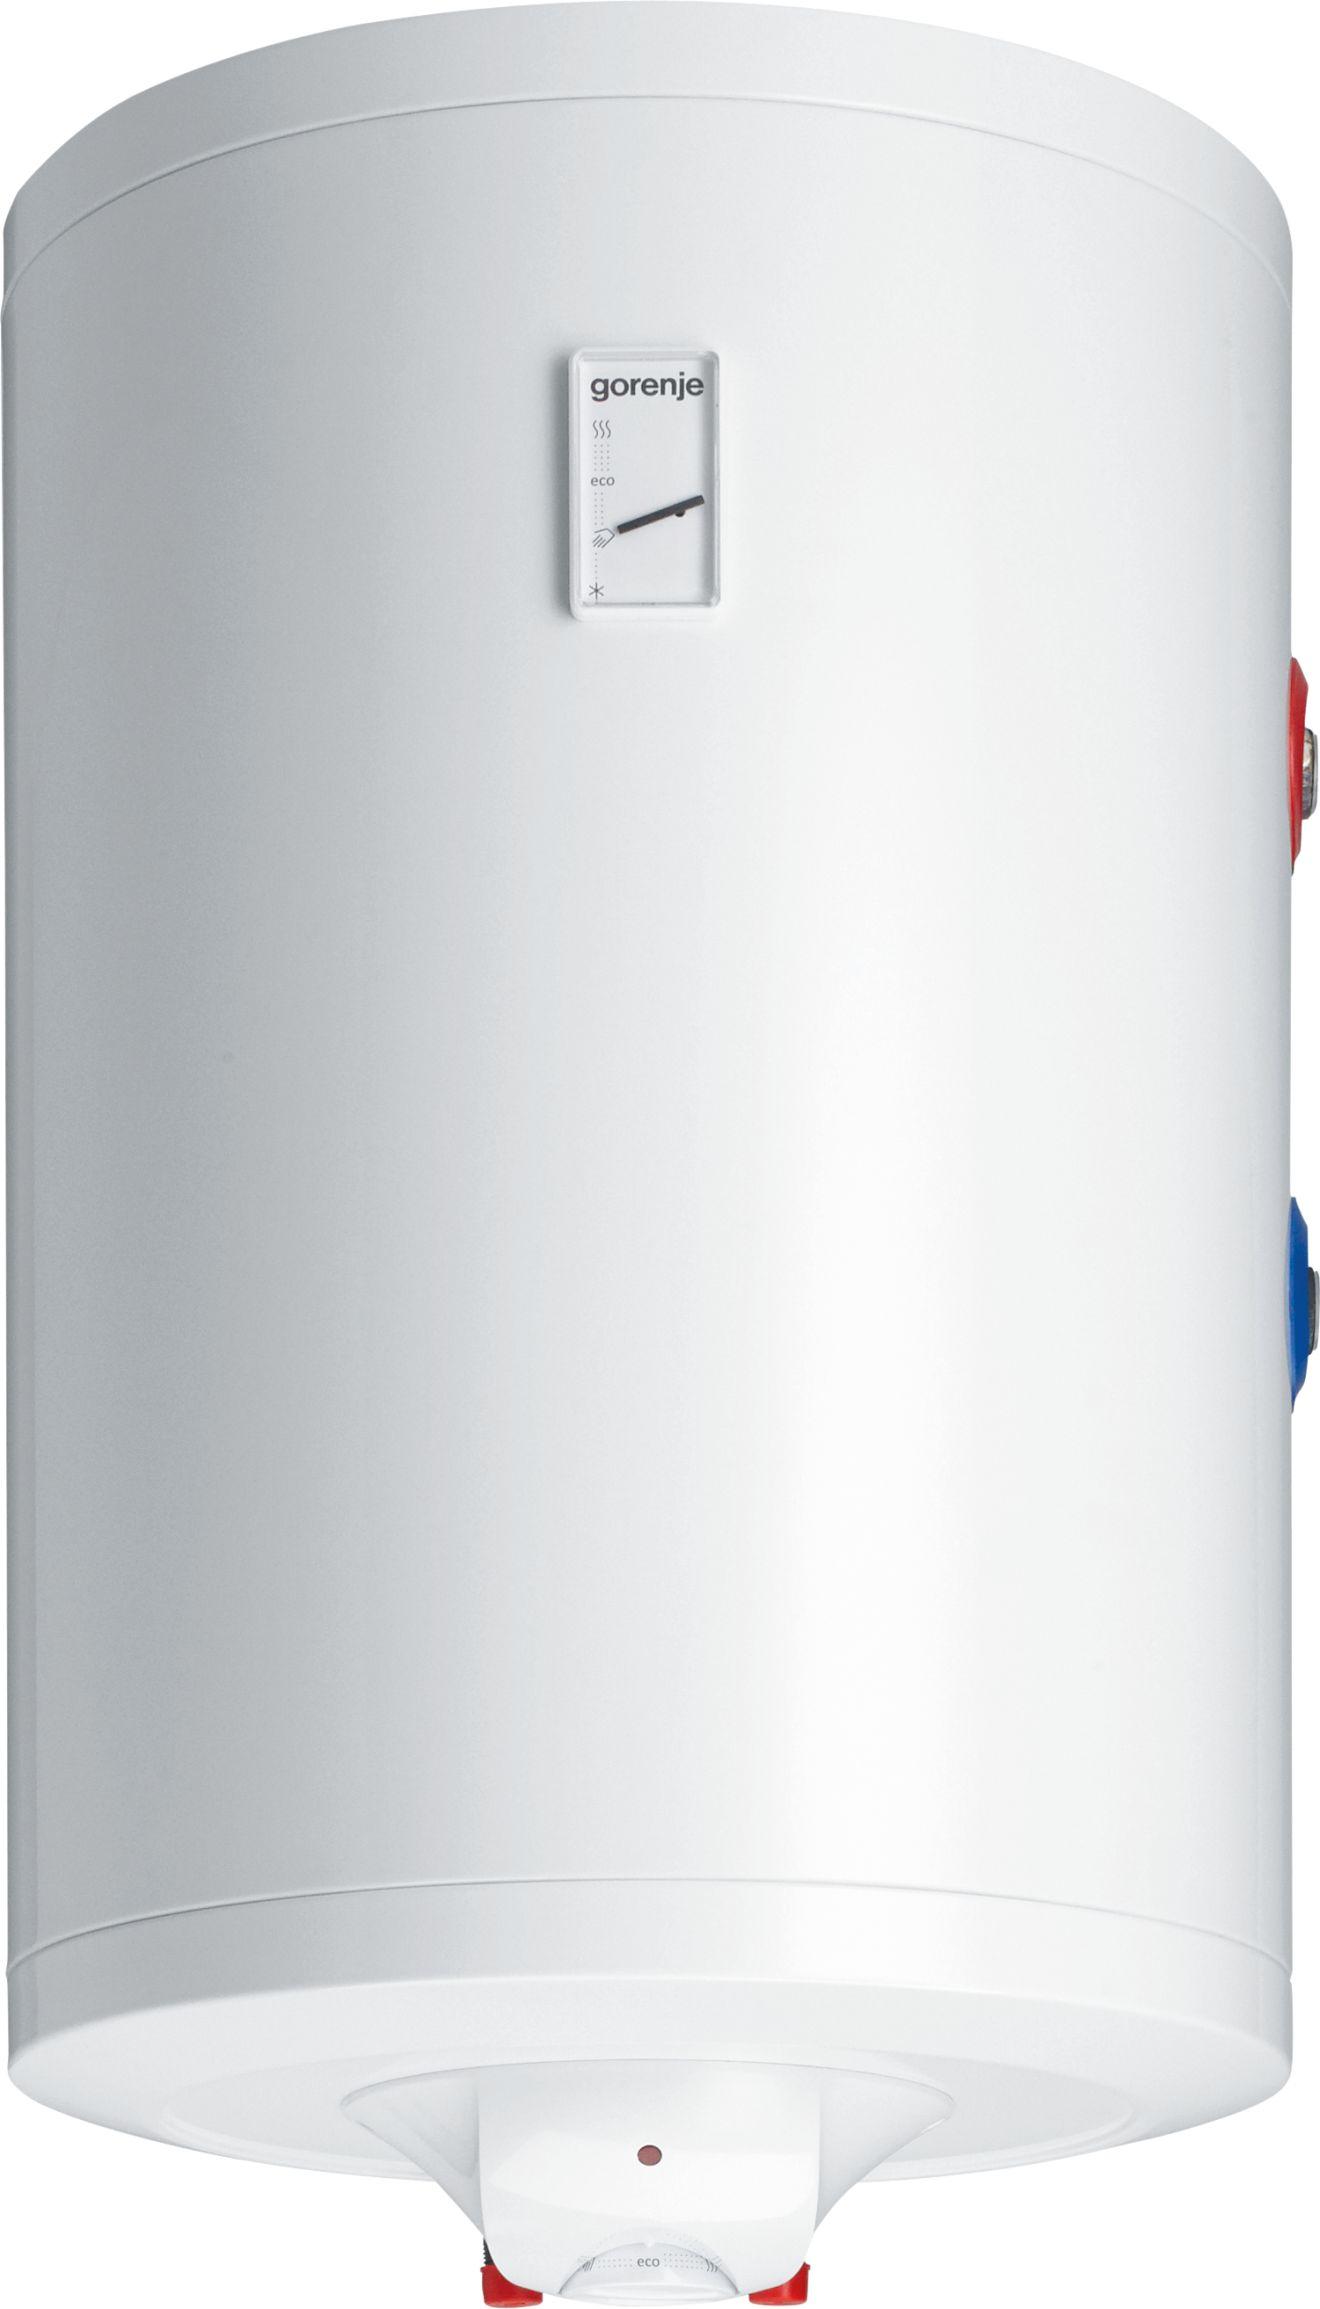 Водонагреватель косвенного нагрева Gorenje TGRK150RNGB6 комбинированный (теплообменник + ТЭН)